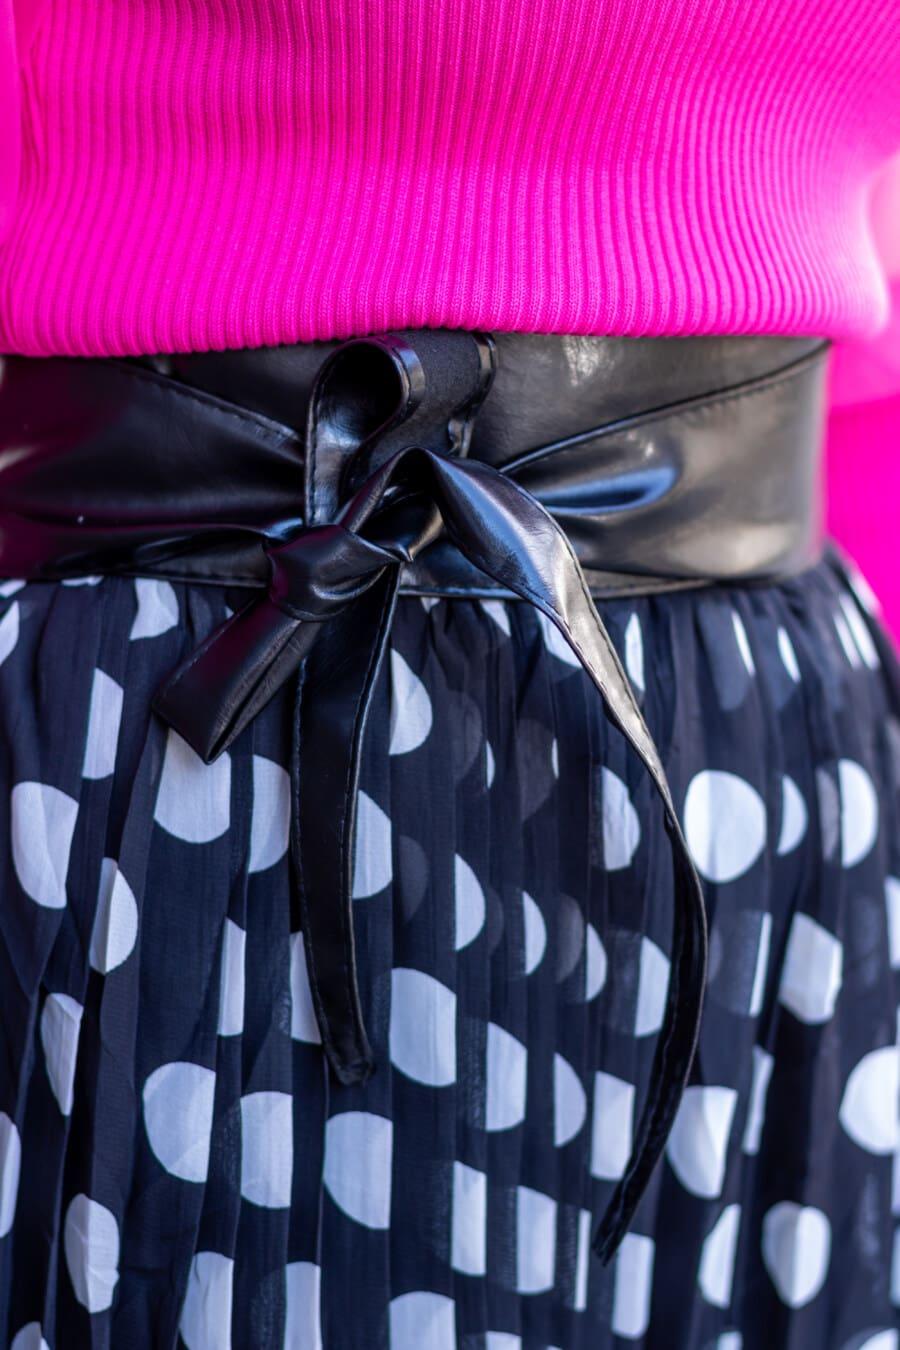 毛衣, 粉红色, 带, 黑, 皮革, 裙子, 黑白, 时尚, 优雅, 闪耀